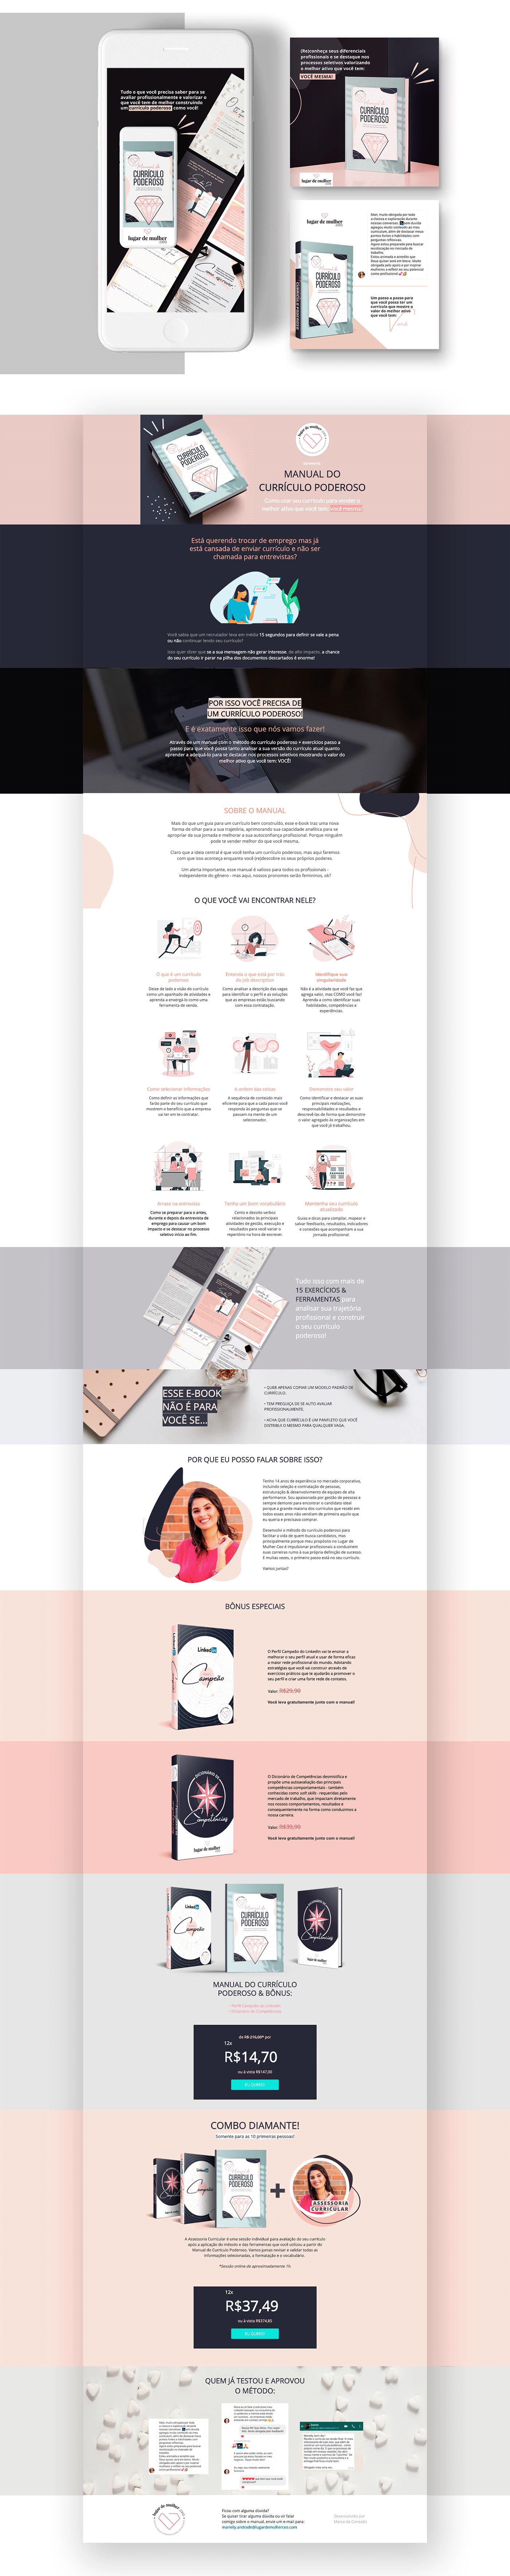 Currículo diagramação e-book infoprofuto Lançamento Digital landingpage vendas Webdesign